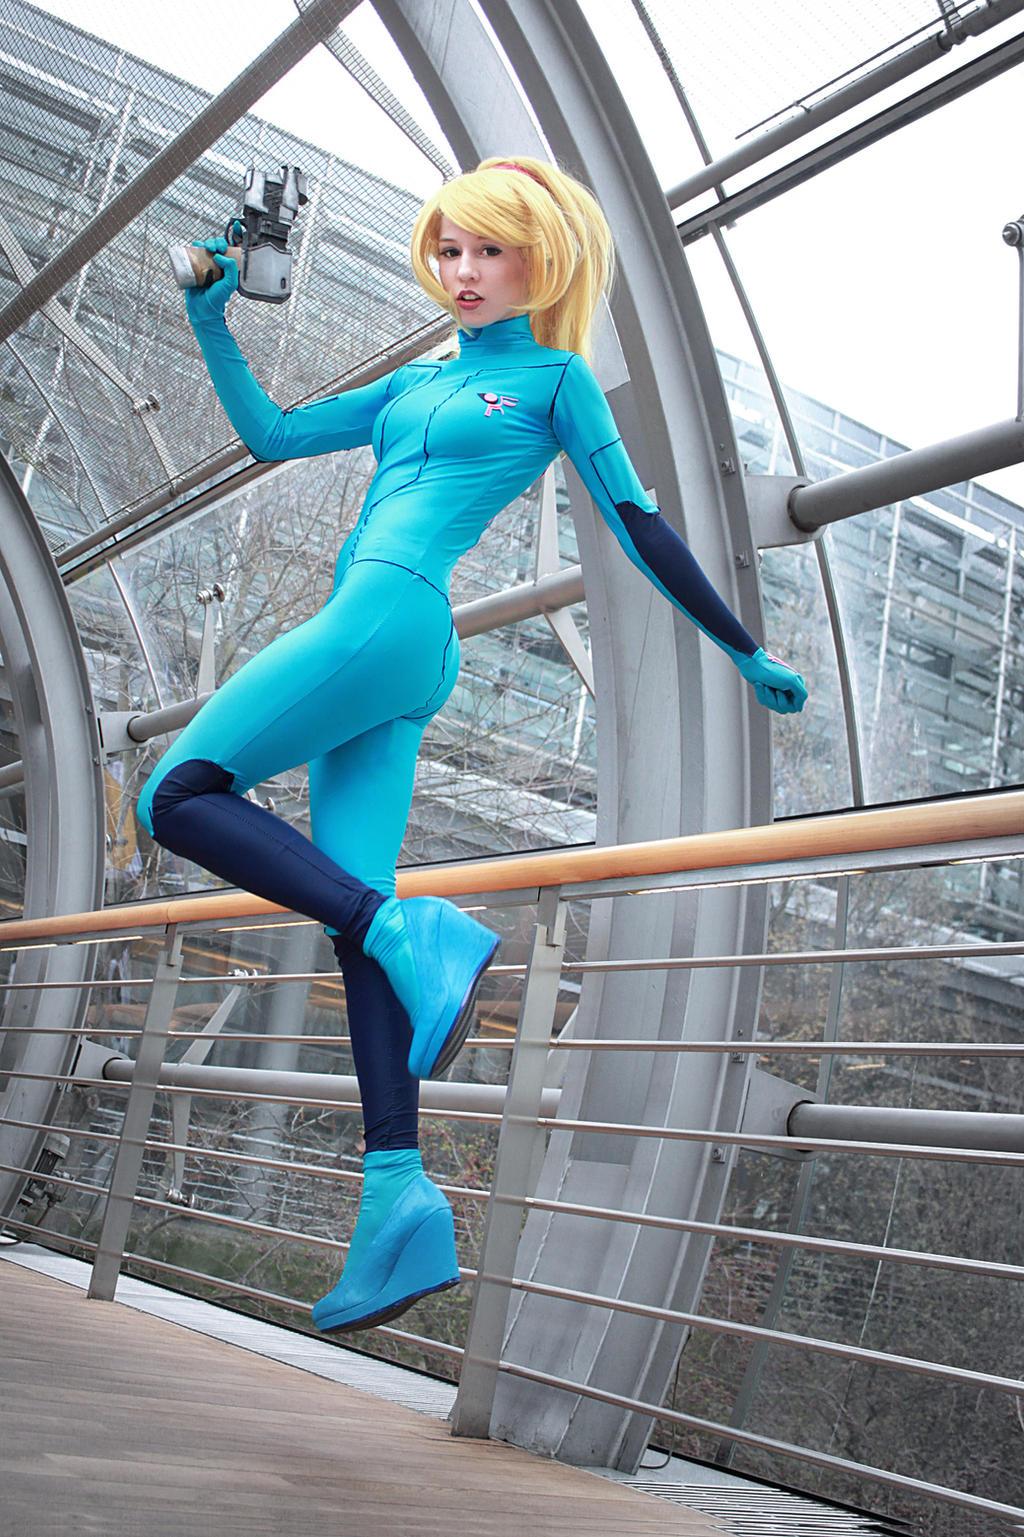 Zero suit Samus cosplay by StormtrooperNikki on DeviantArt